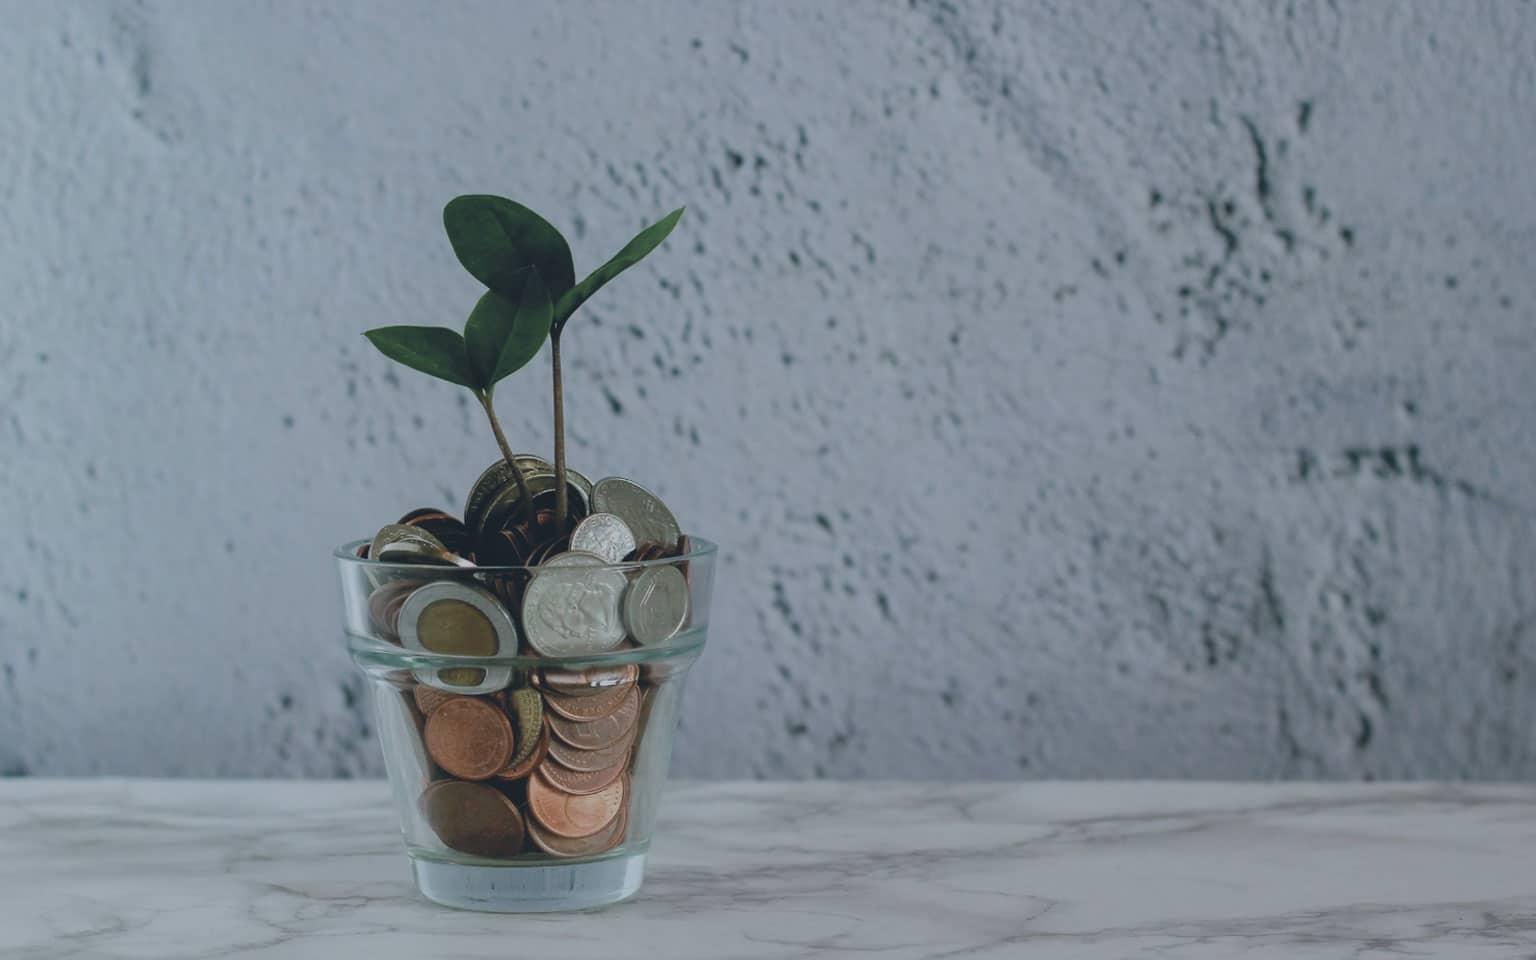 Foto vidro com dinheiro e uma árvore crescendo dentro demonstrando a importância da educação financeira